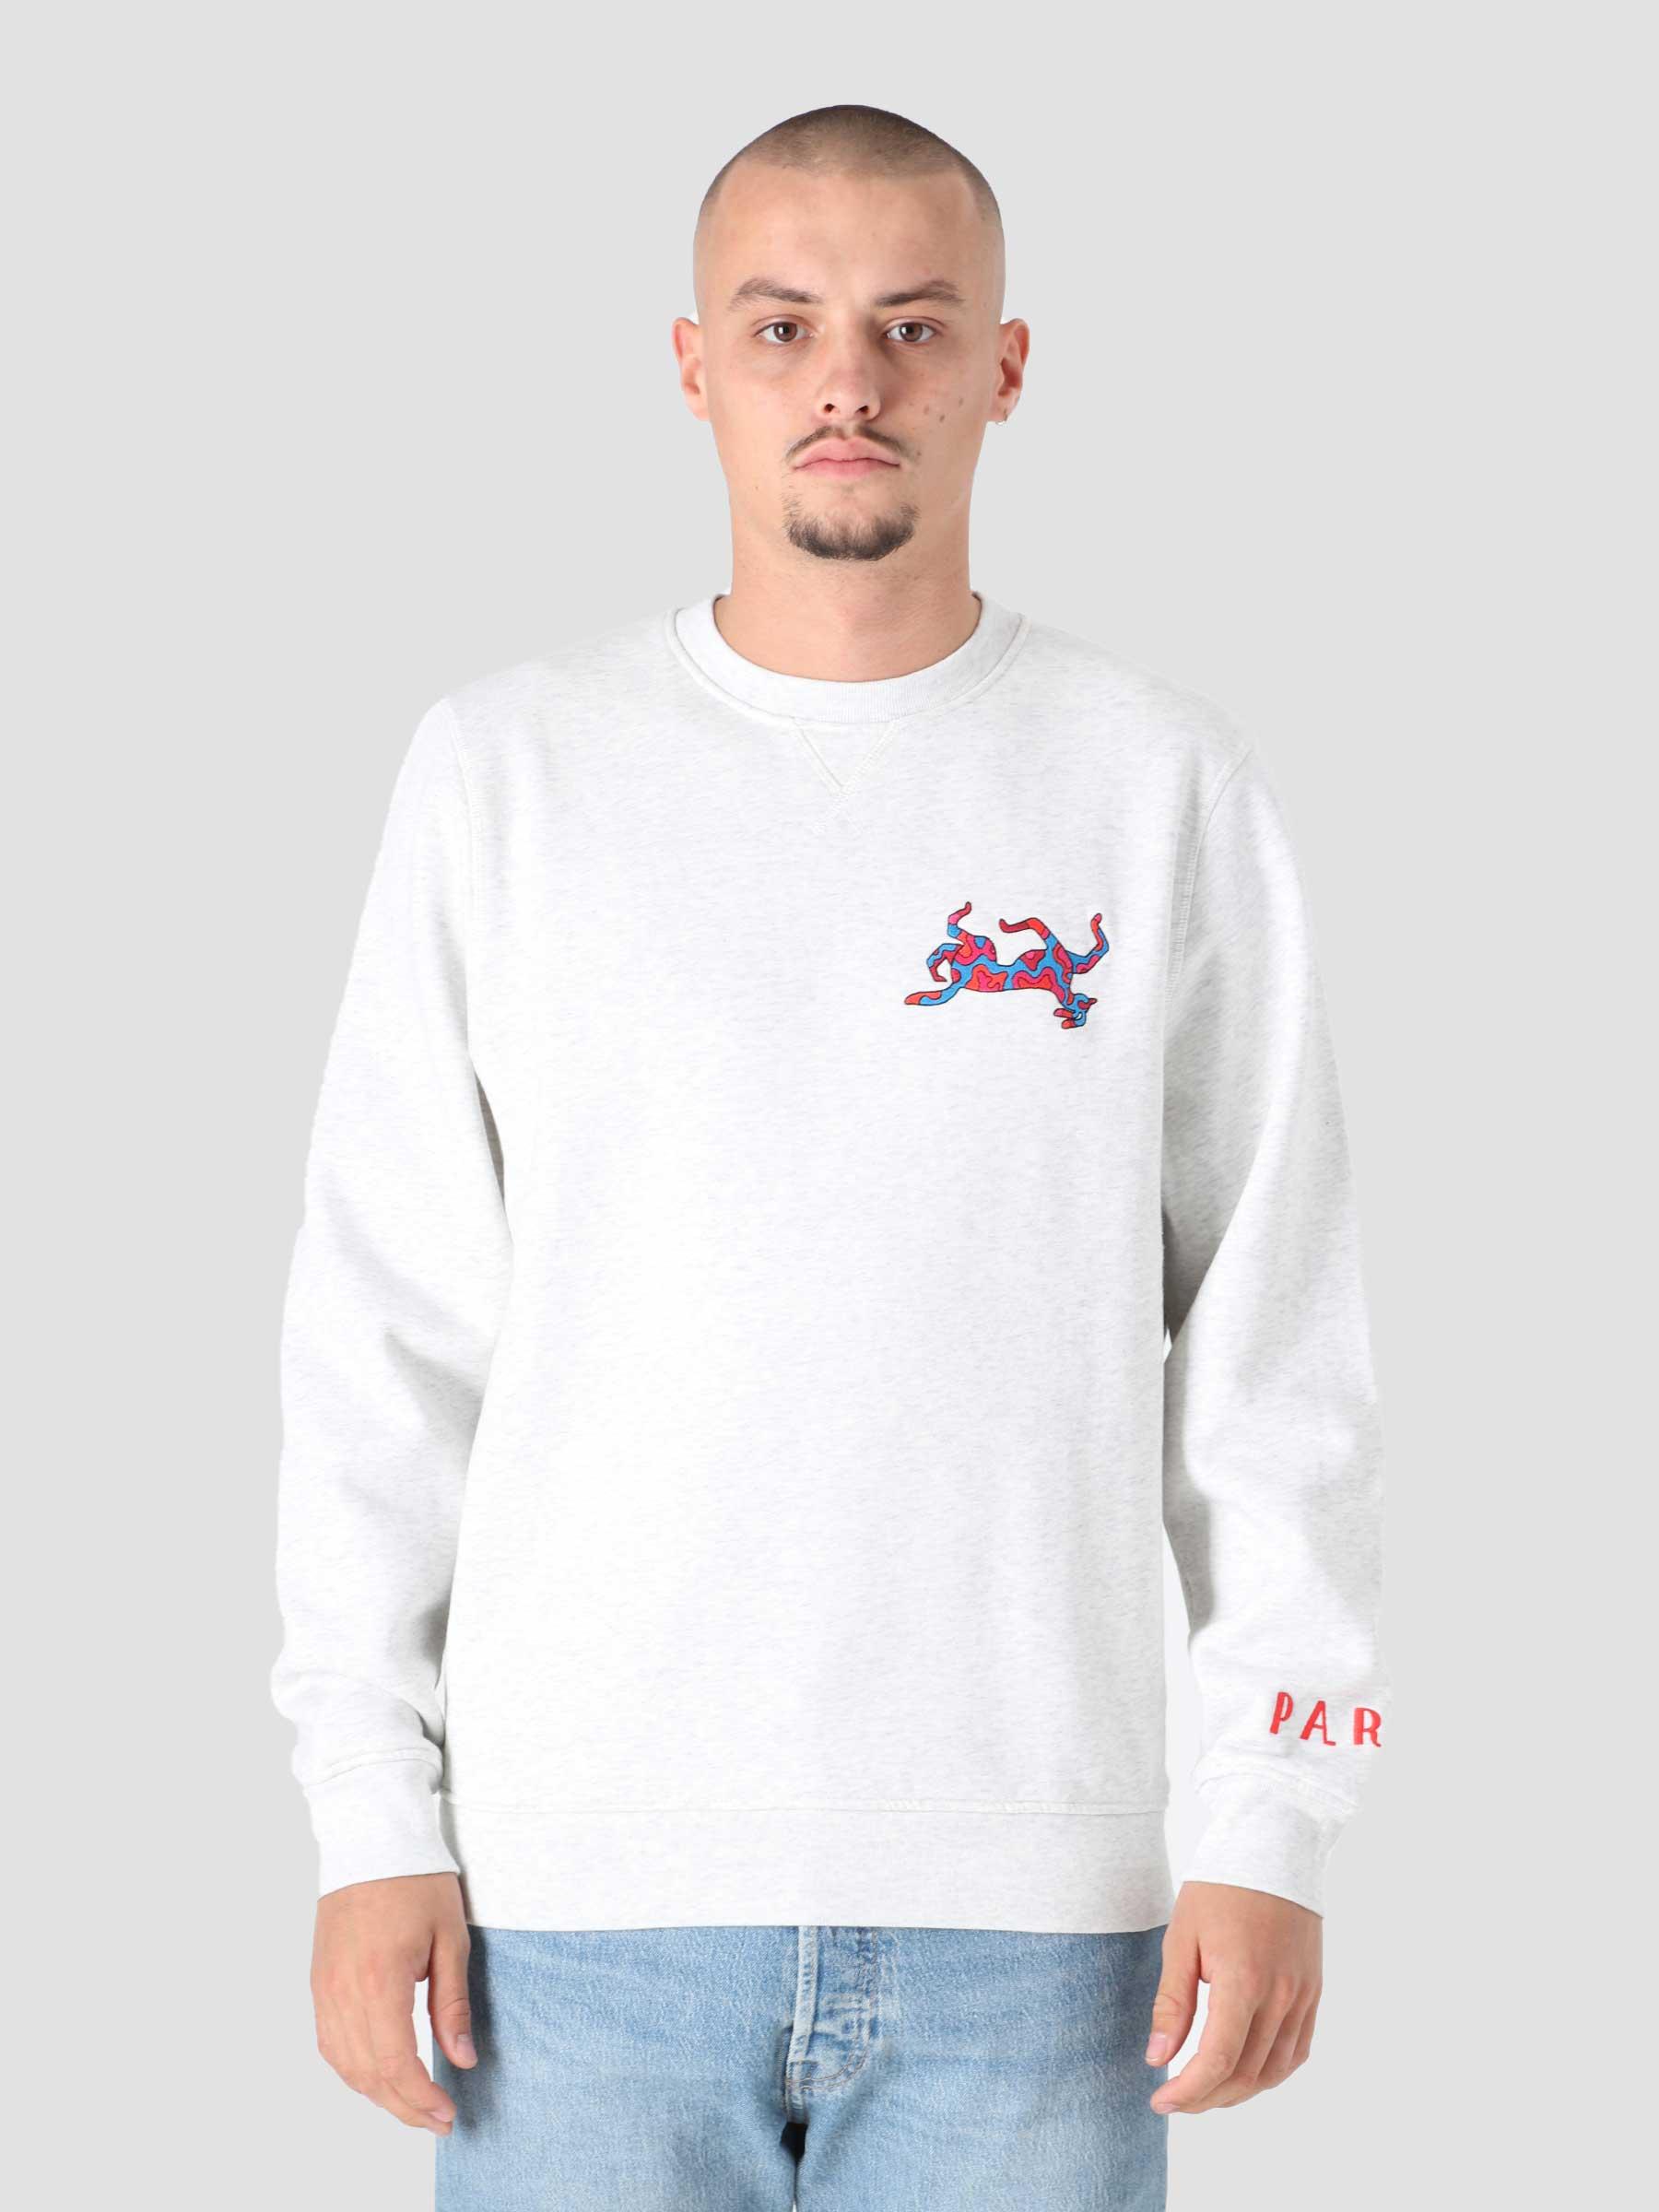 Upside Dog Race Crewneck Sweatshirt Ash Grey 46325